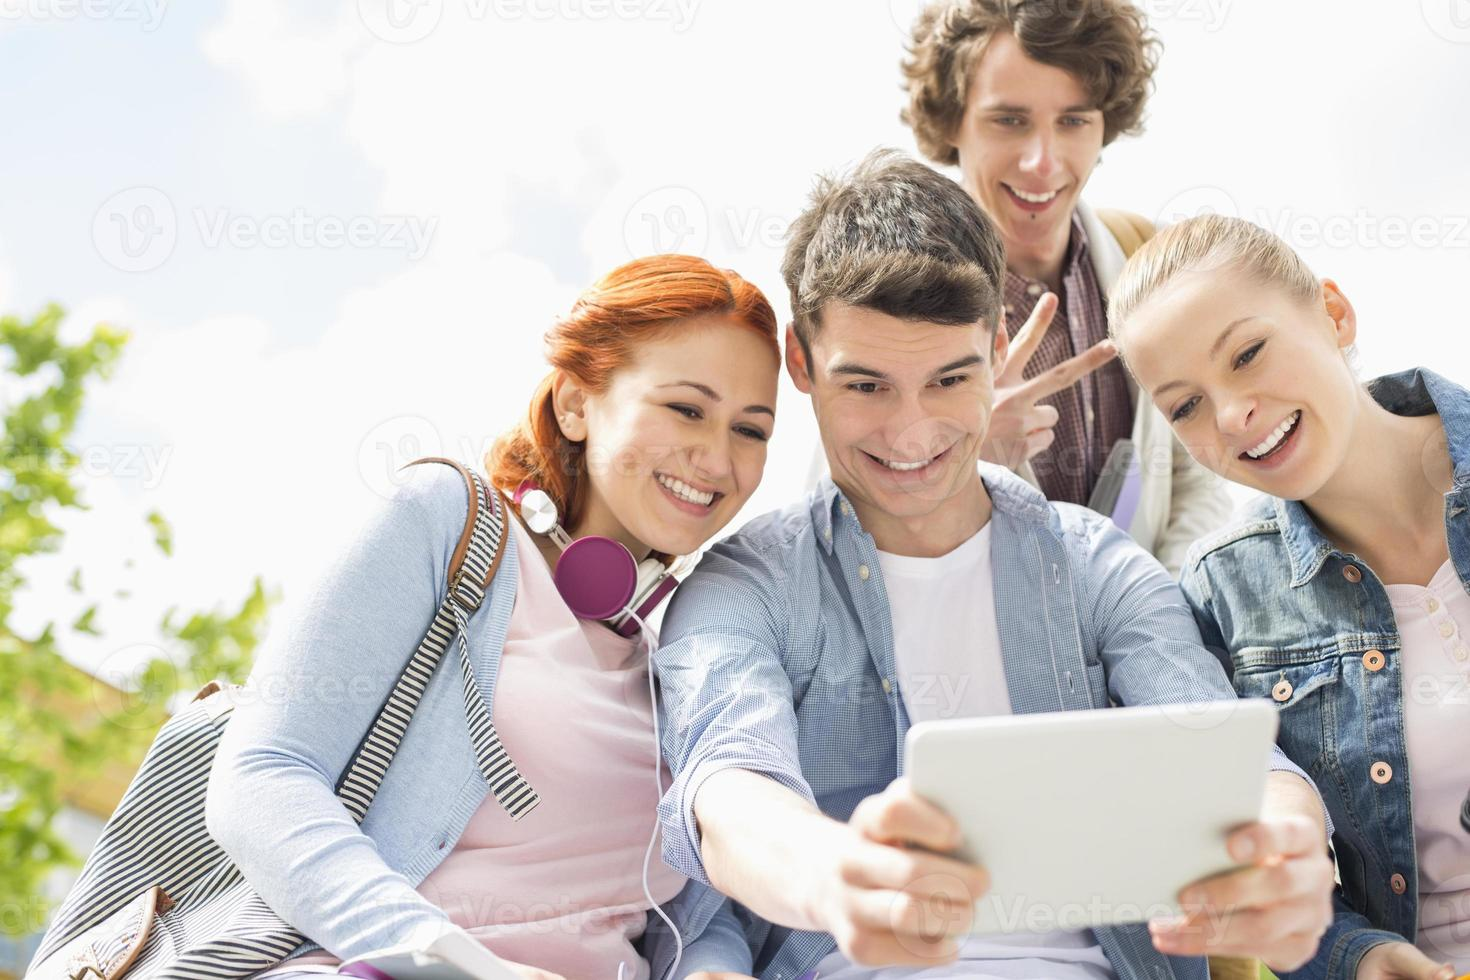 giovani amici che si fotografano attraverso la tavoletta digitale nel campus universitario foto